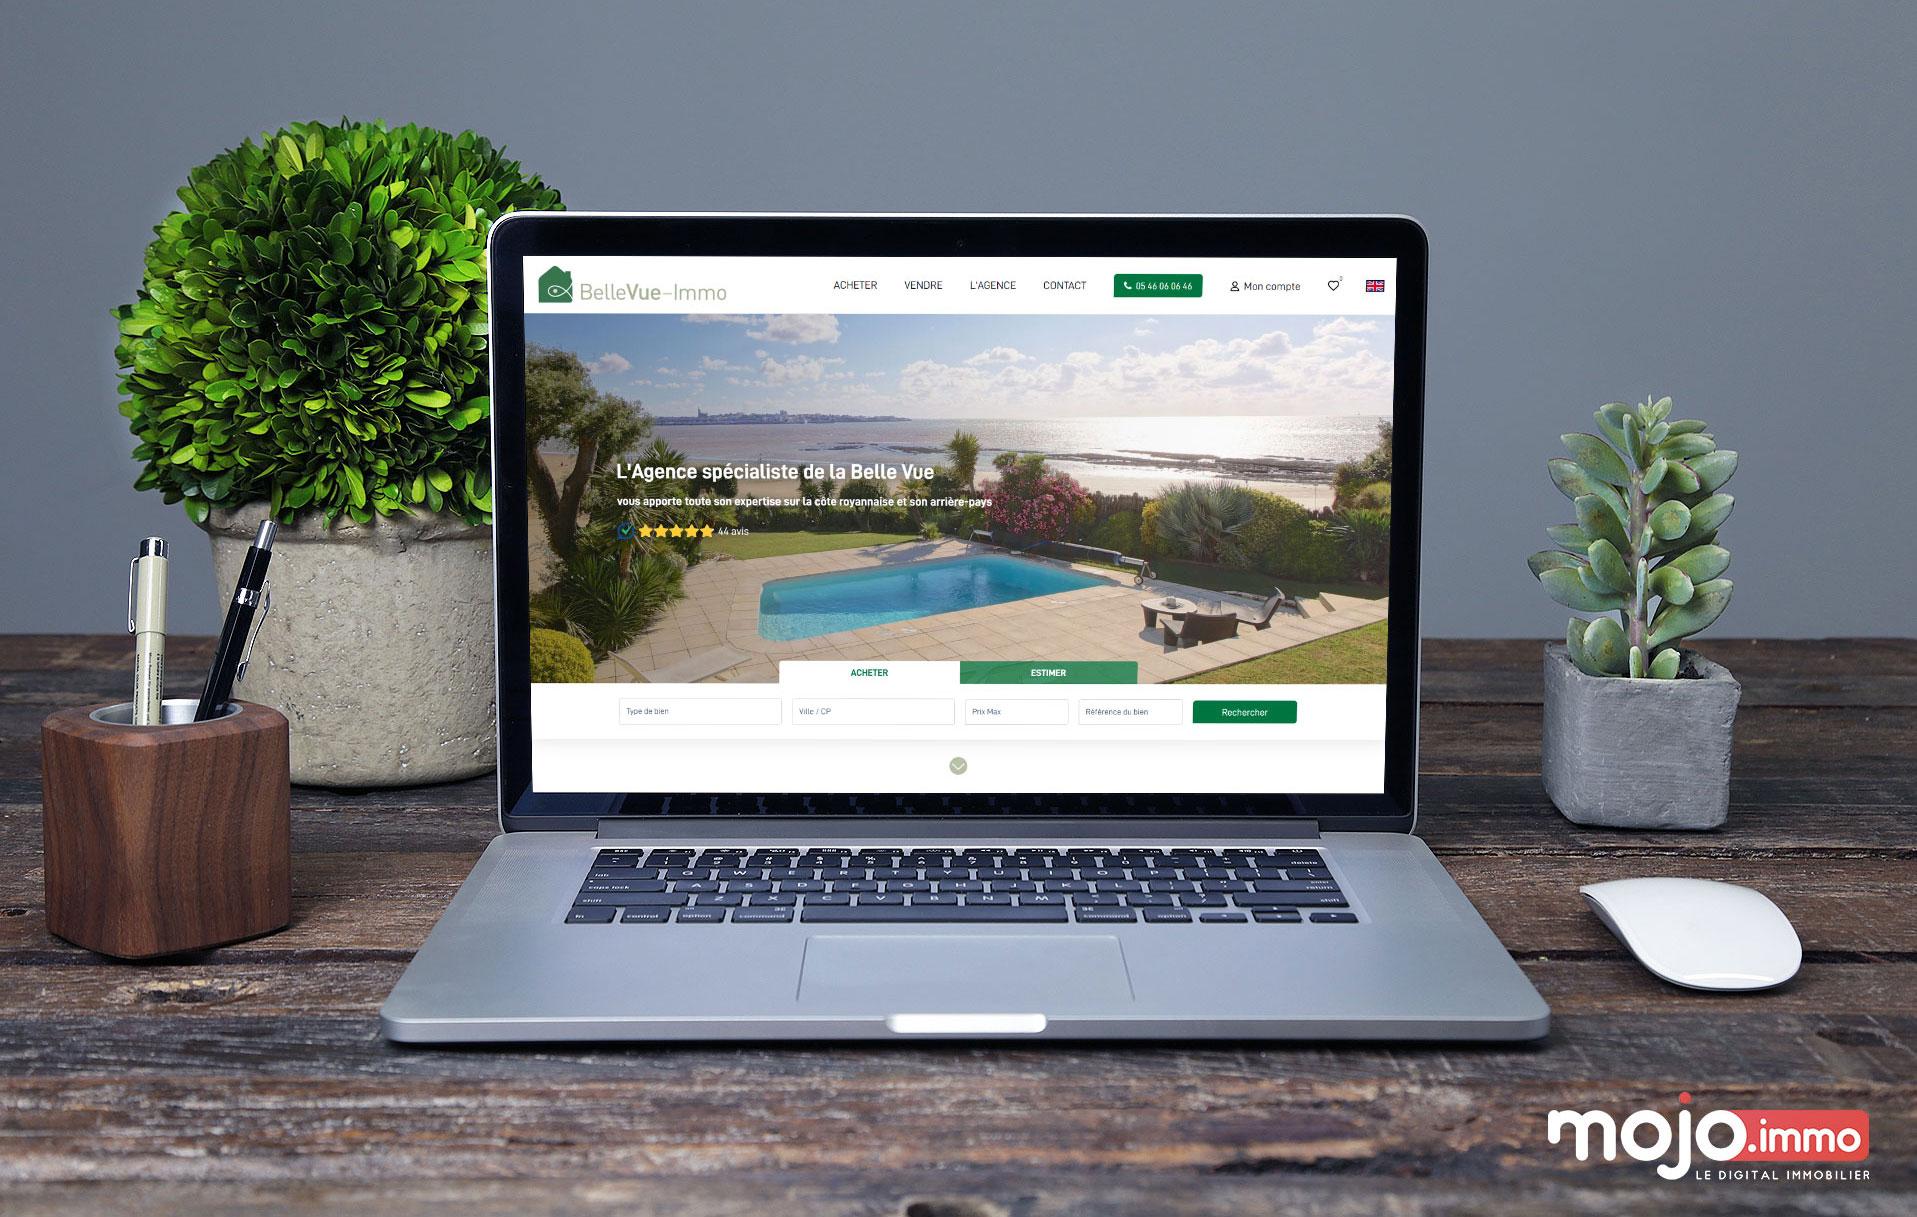 bellevue-immo webdesign